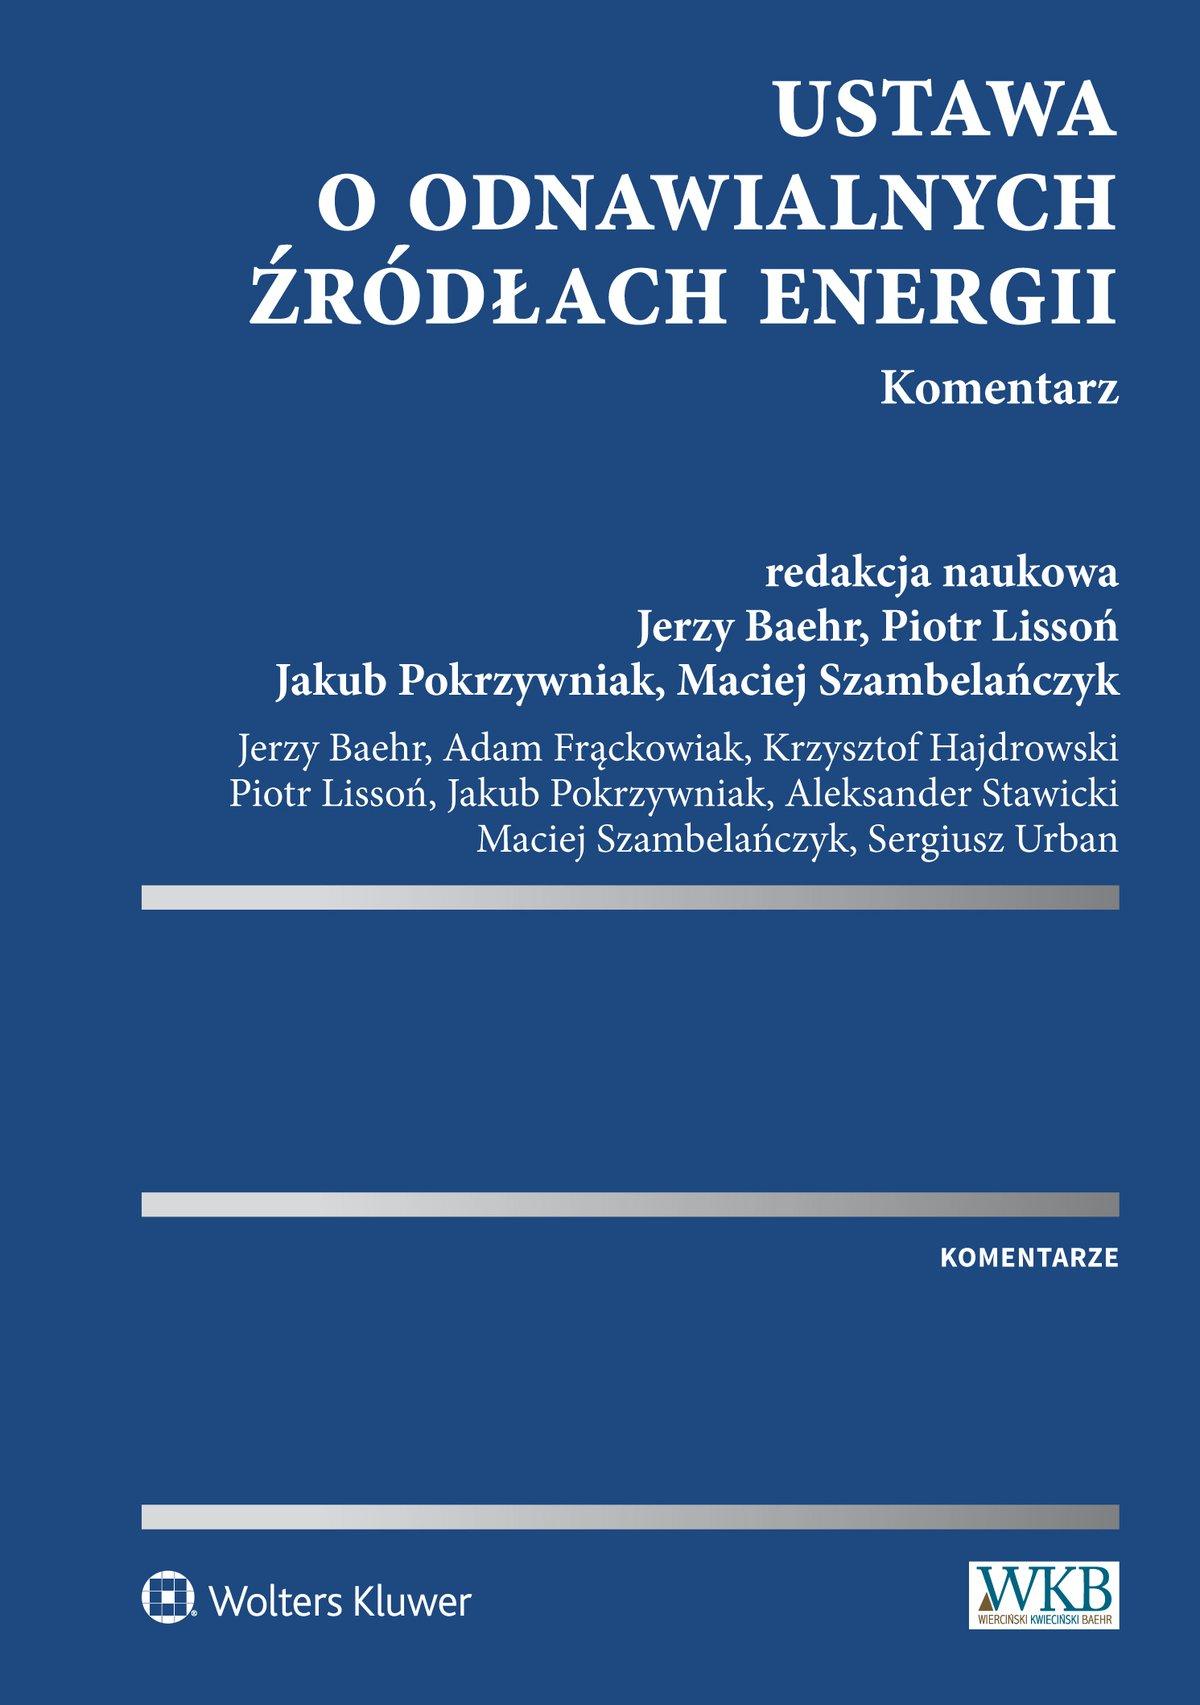 Ustawa o odnawialnych źródłach energii. Komentarz - Ebook (Książka EPUB) do pobrania w formacie EPUB